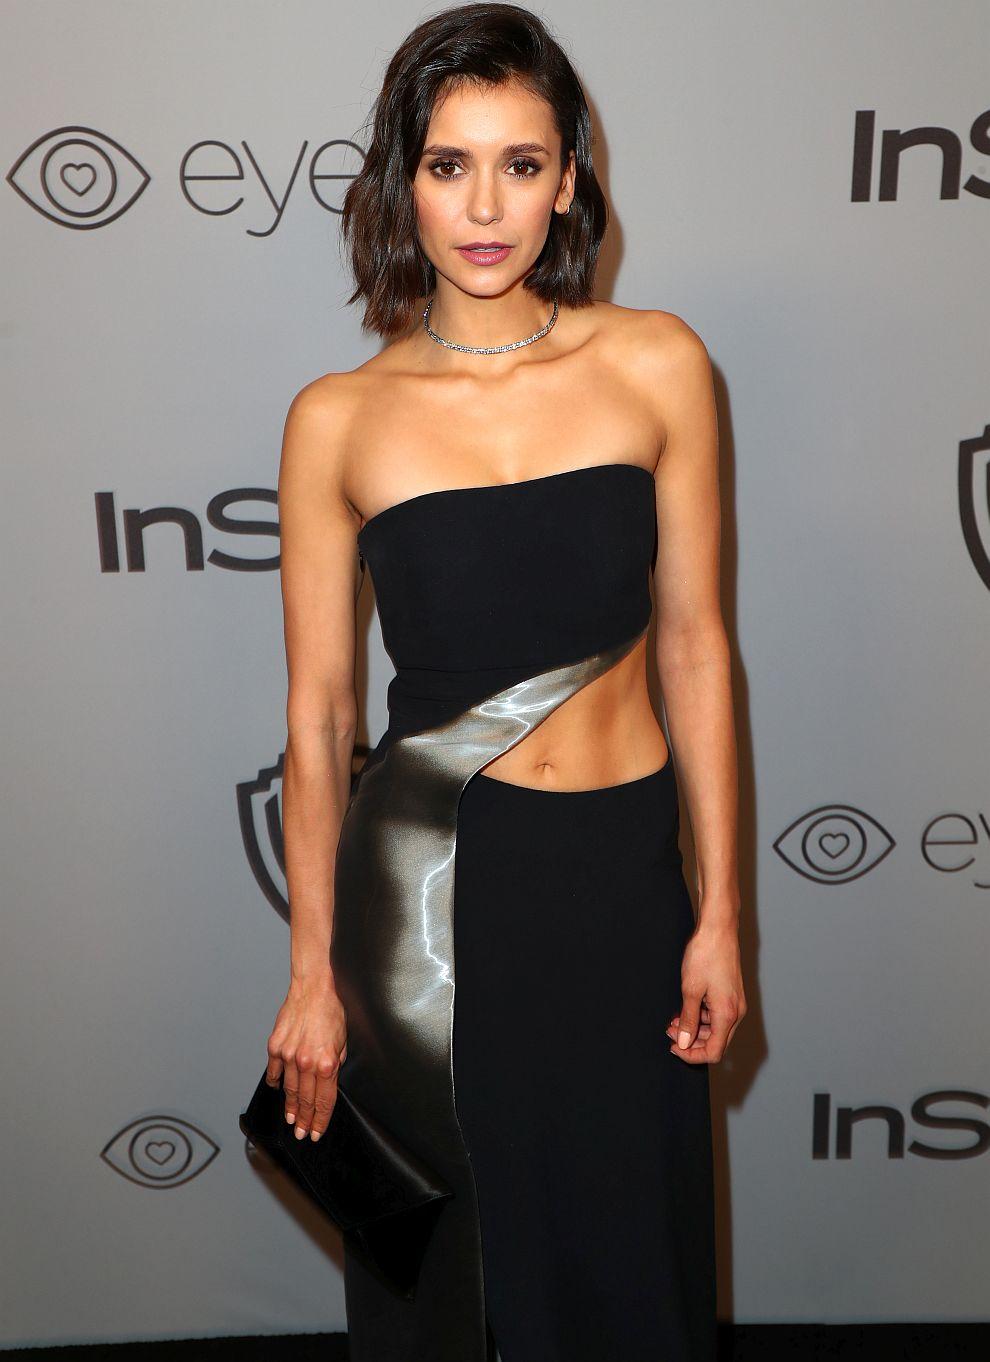 Нина Добрев на партито на InStyle и Warner Bros след 75-ата церемония по връчване на наградите Златен глобус